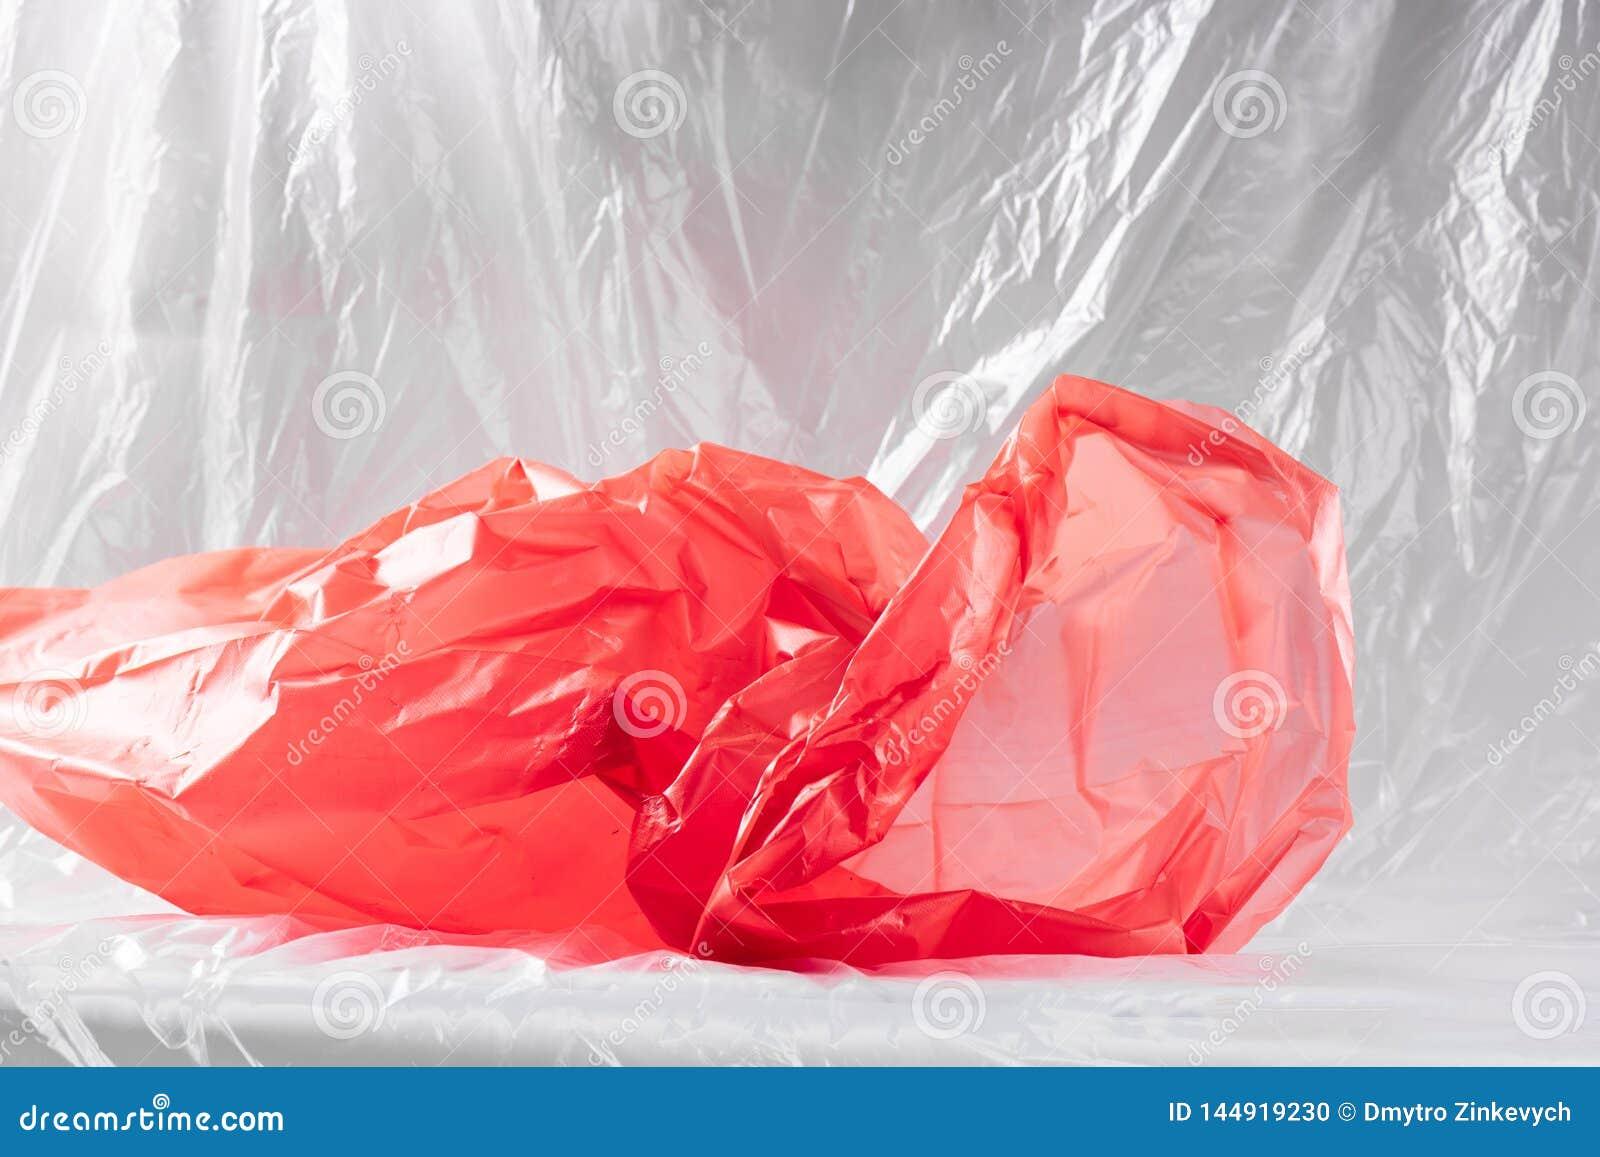 Äckla den skrynkliga röda plast- avfallpacken som framlägger tillståndet av vår natur